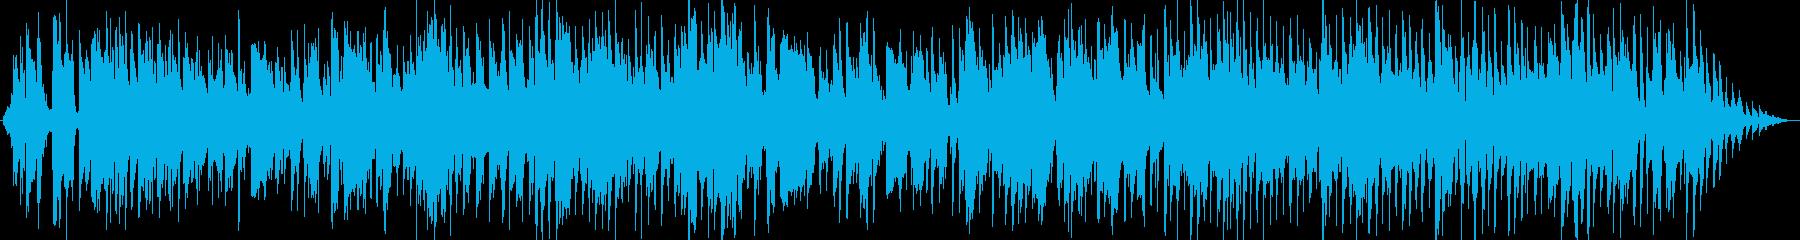 落ち着いた雰囲気のスウィングジャズの再生済みの波形